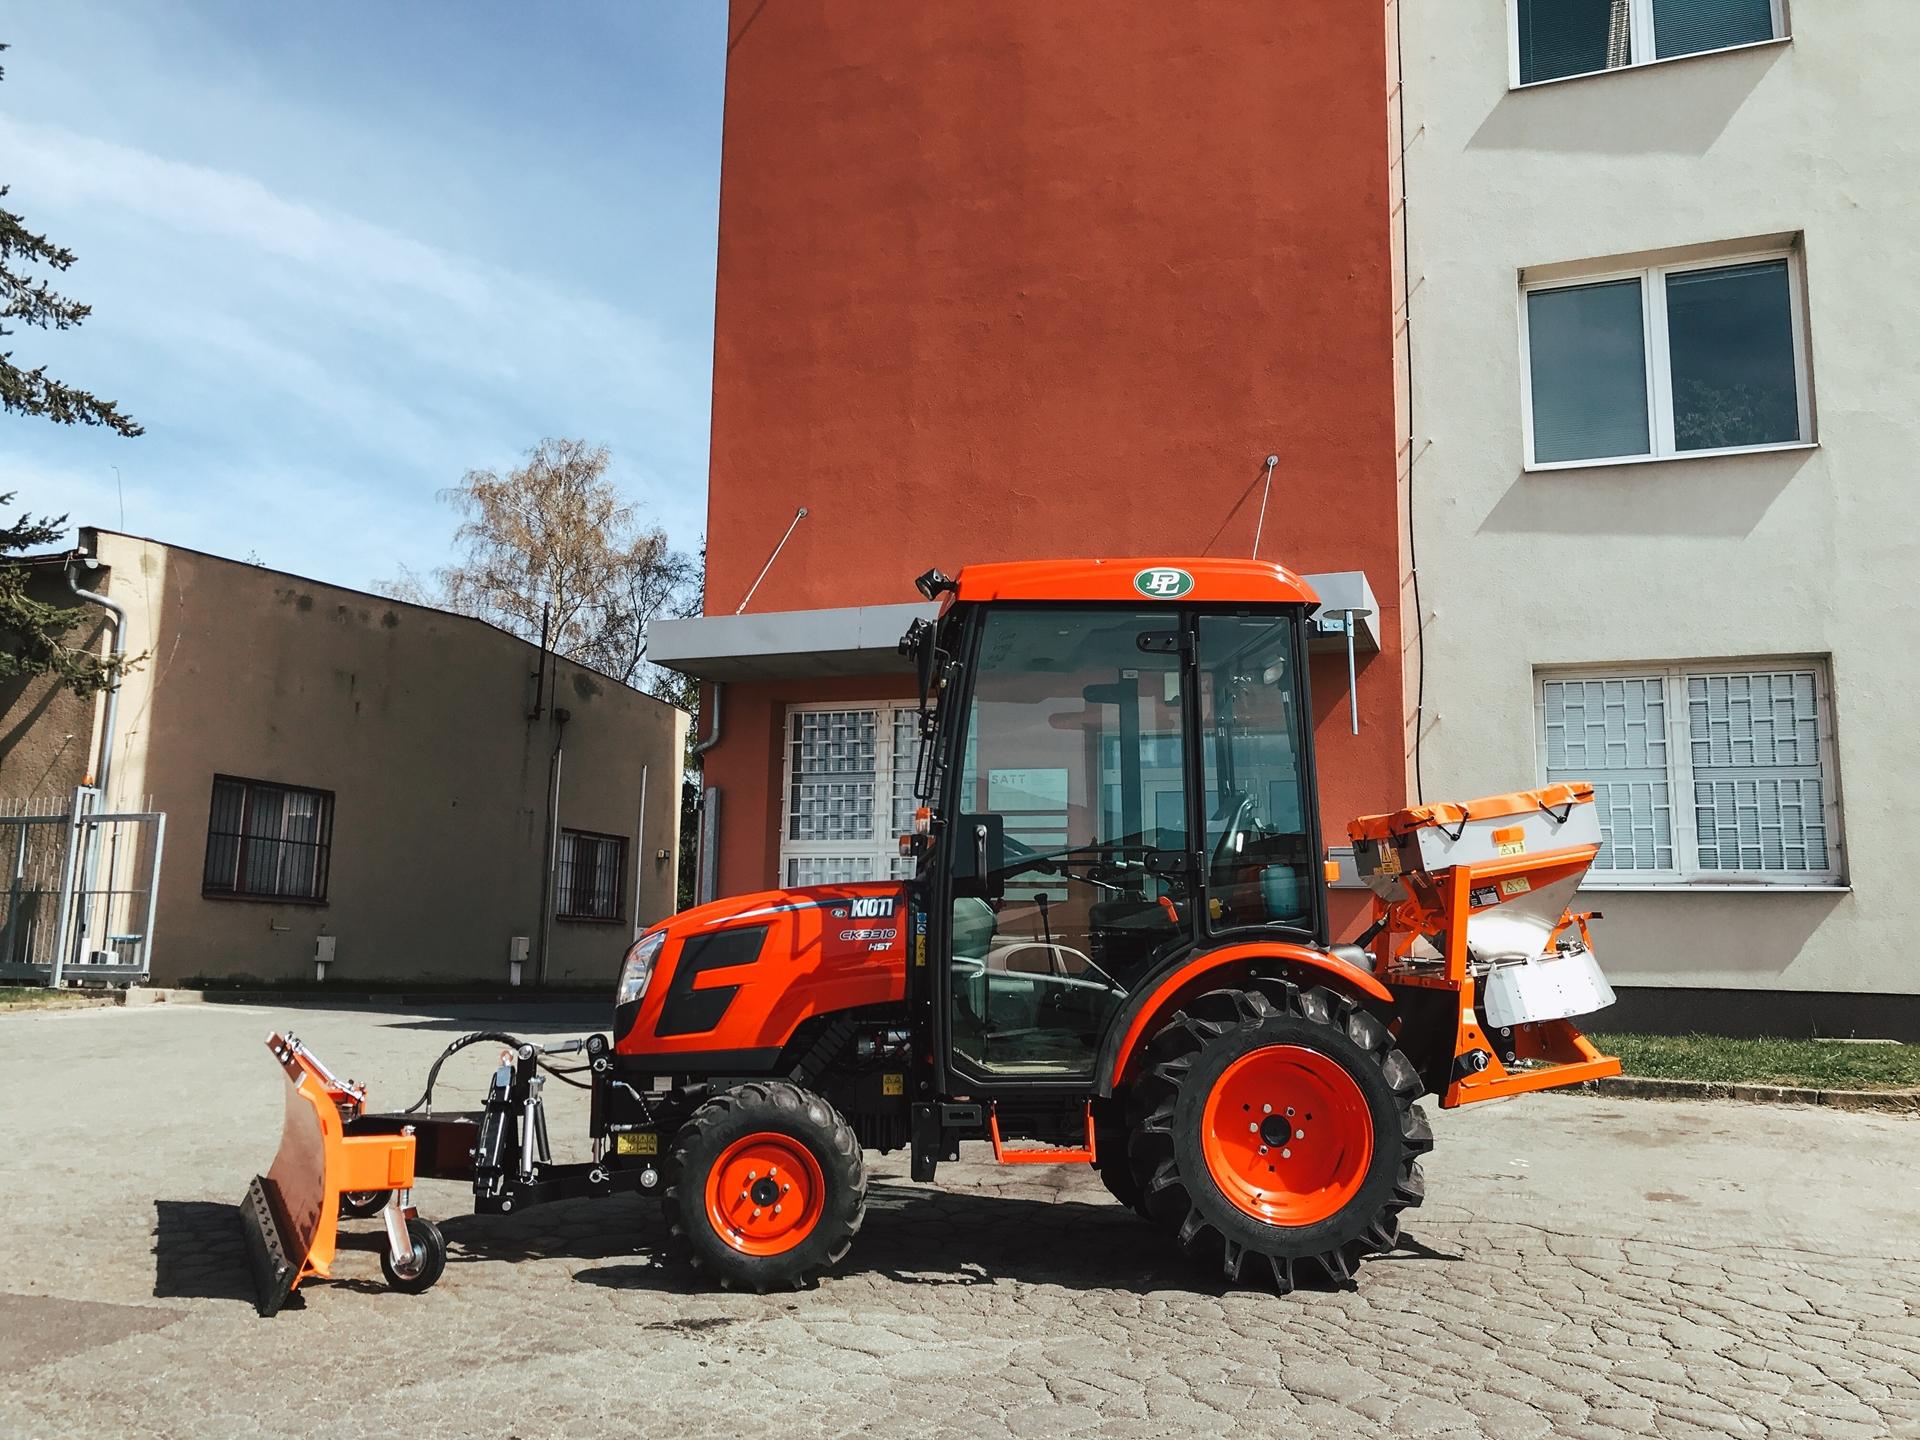 Traktor-Kioti-SATT-Zdar-nad-Sazavou-(3).JPG